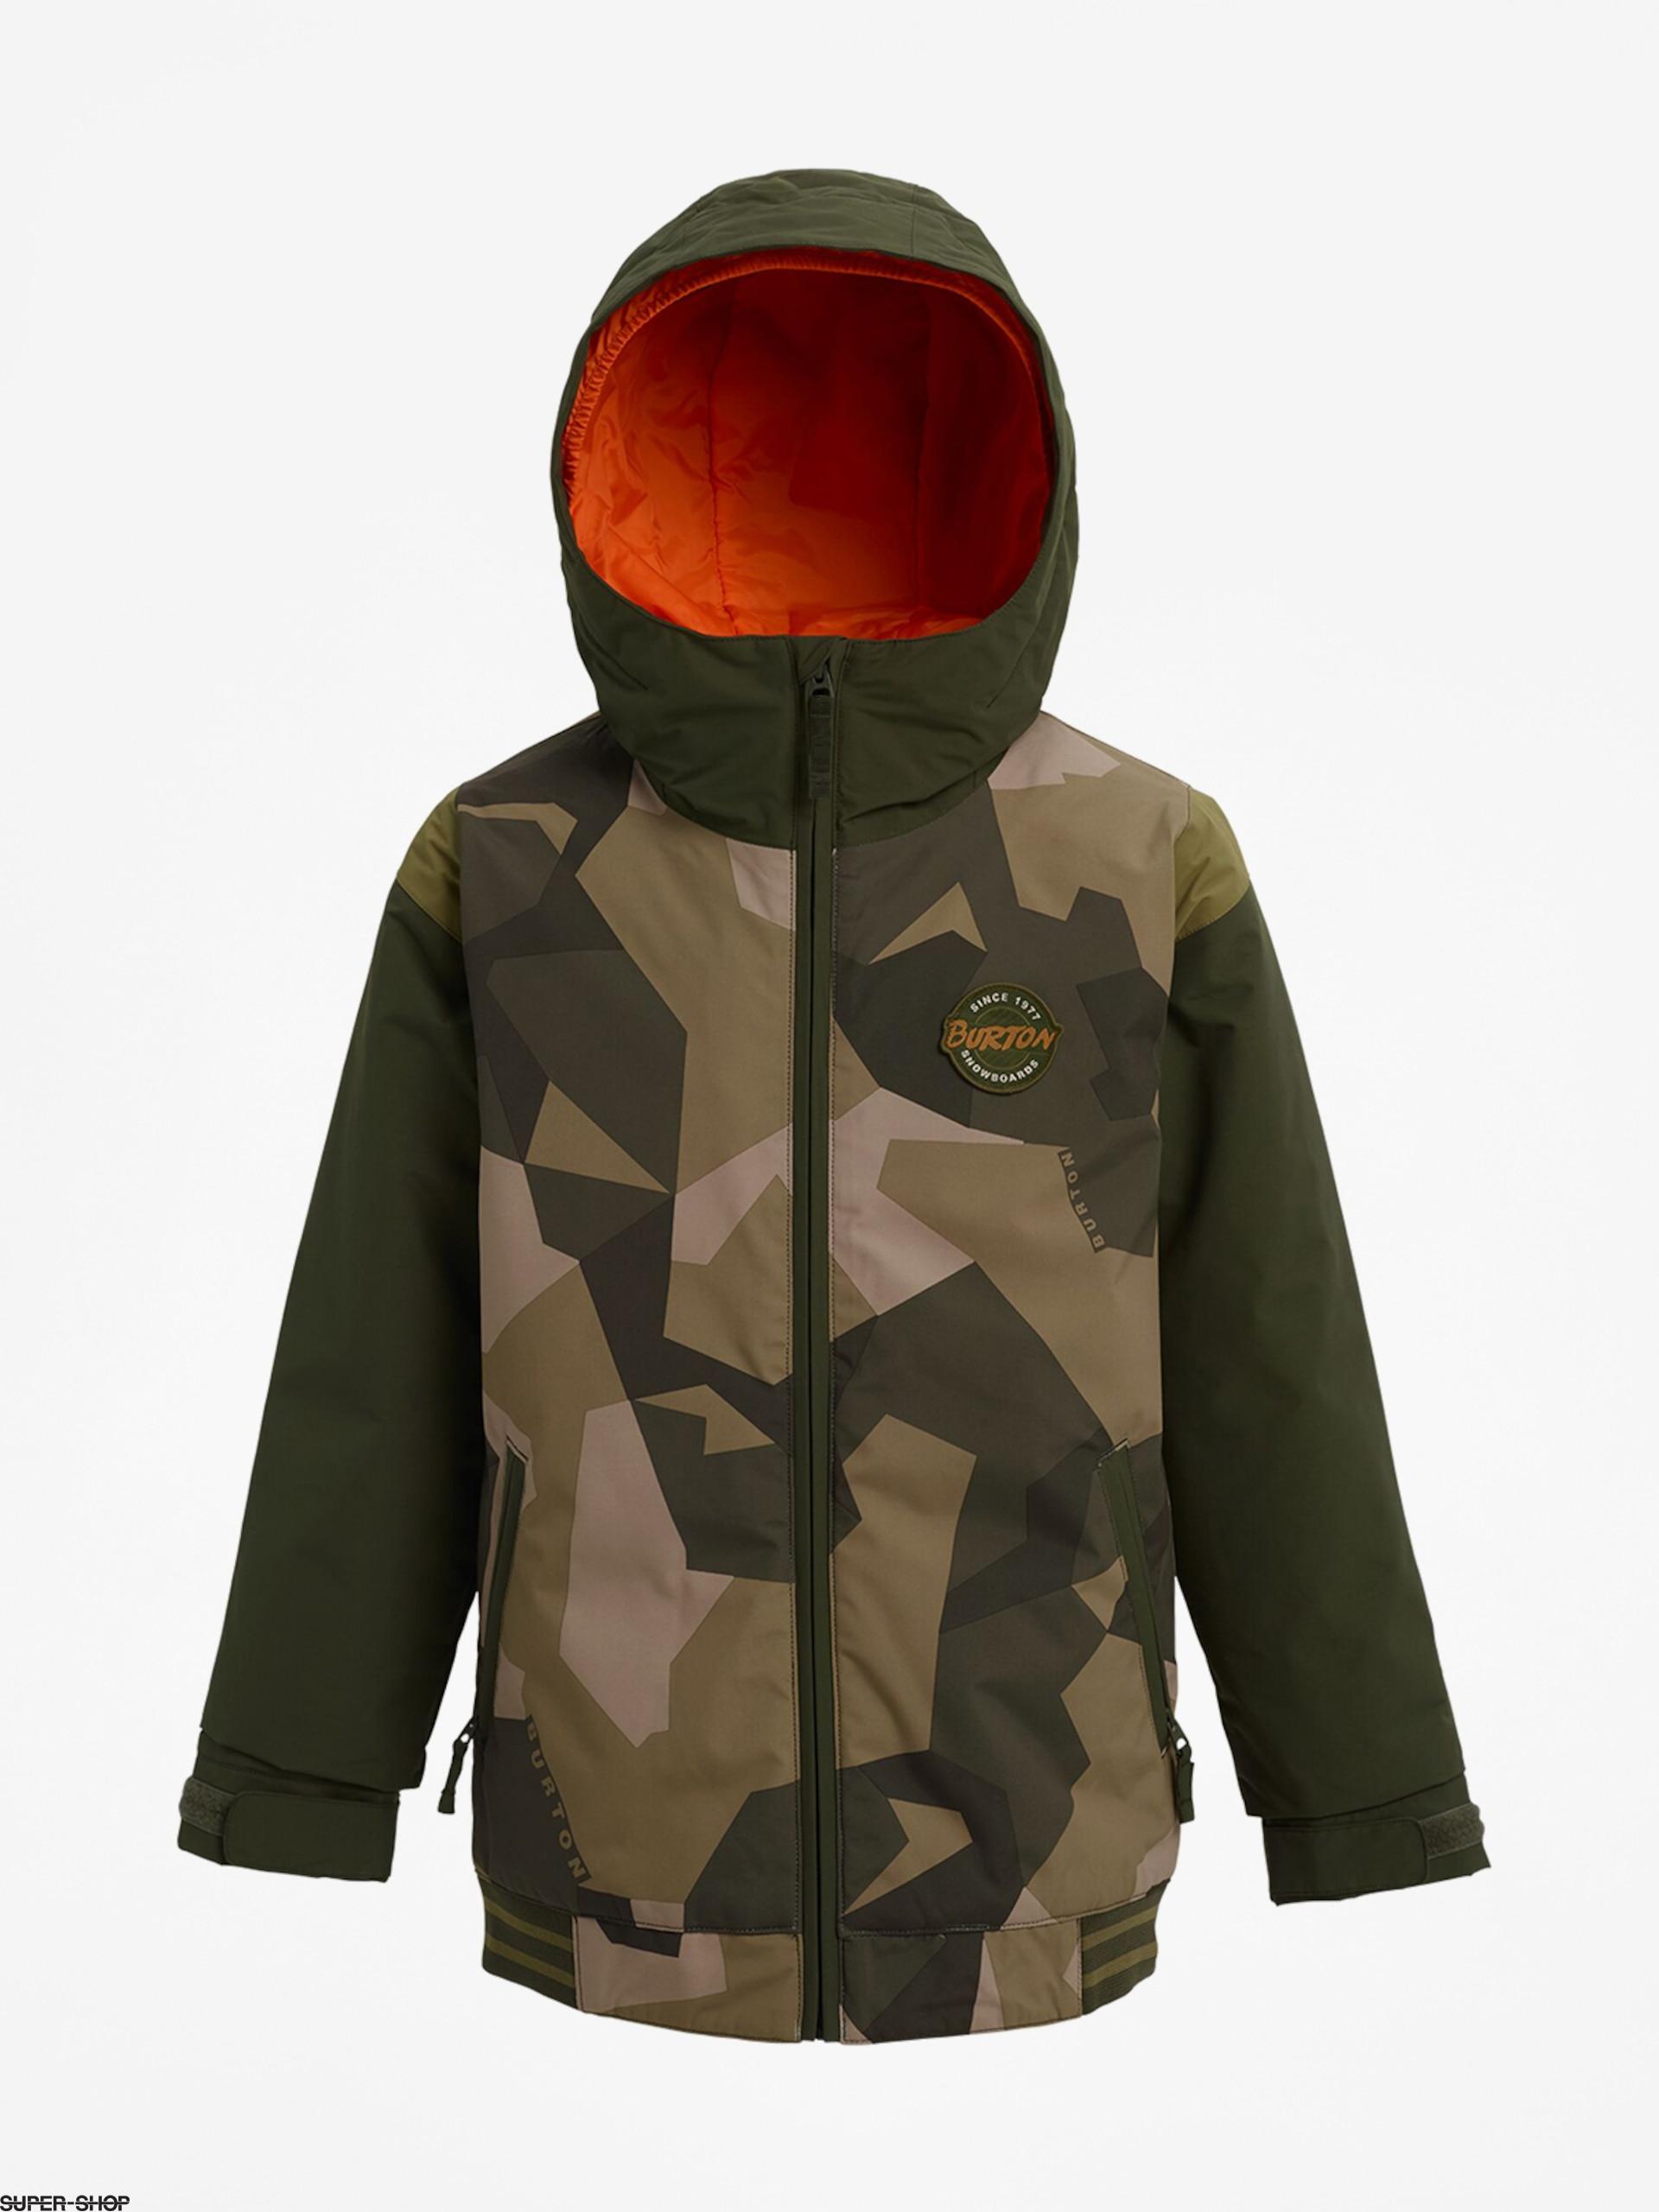 parhaat kengät paras verkkosivusto klassinen istuvuus Burton Game Day Snowboard jacket (three crowns camo)